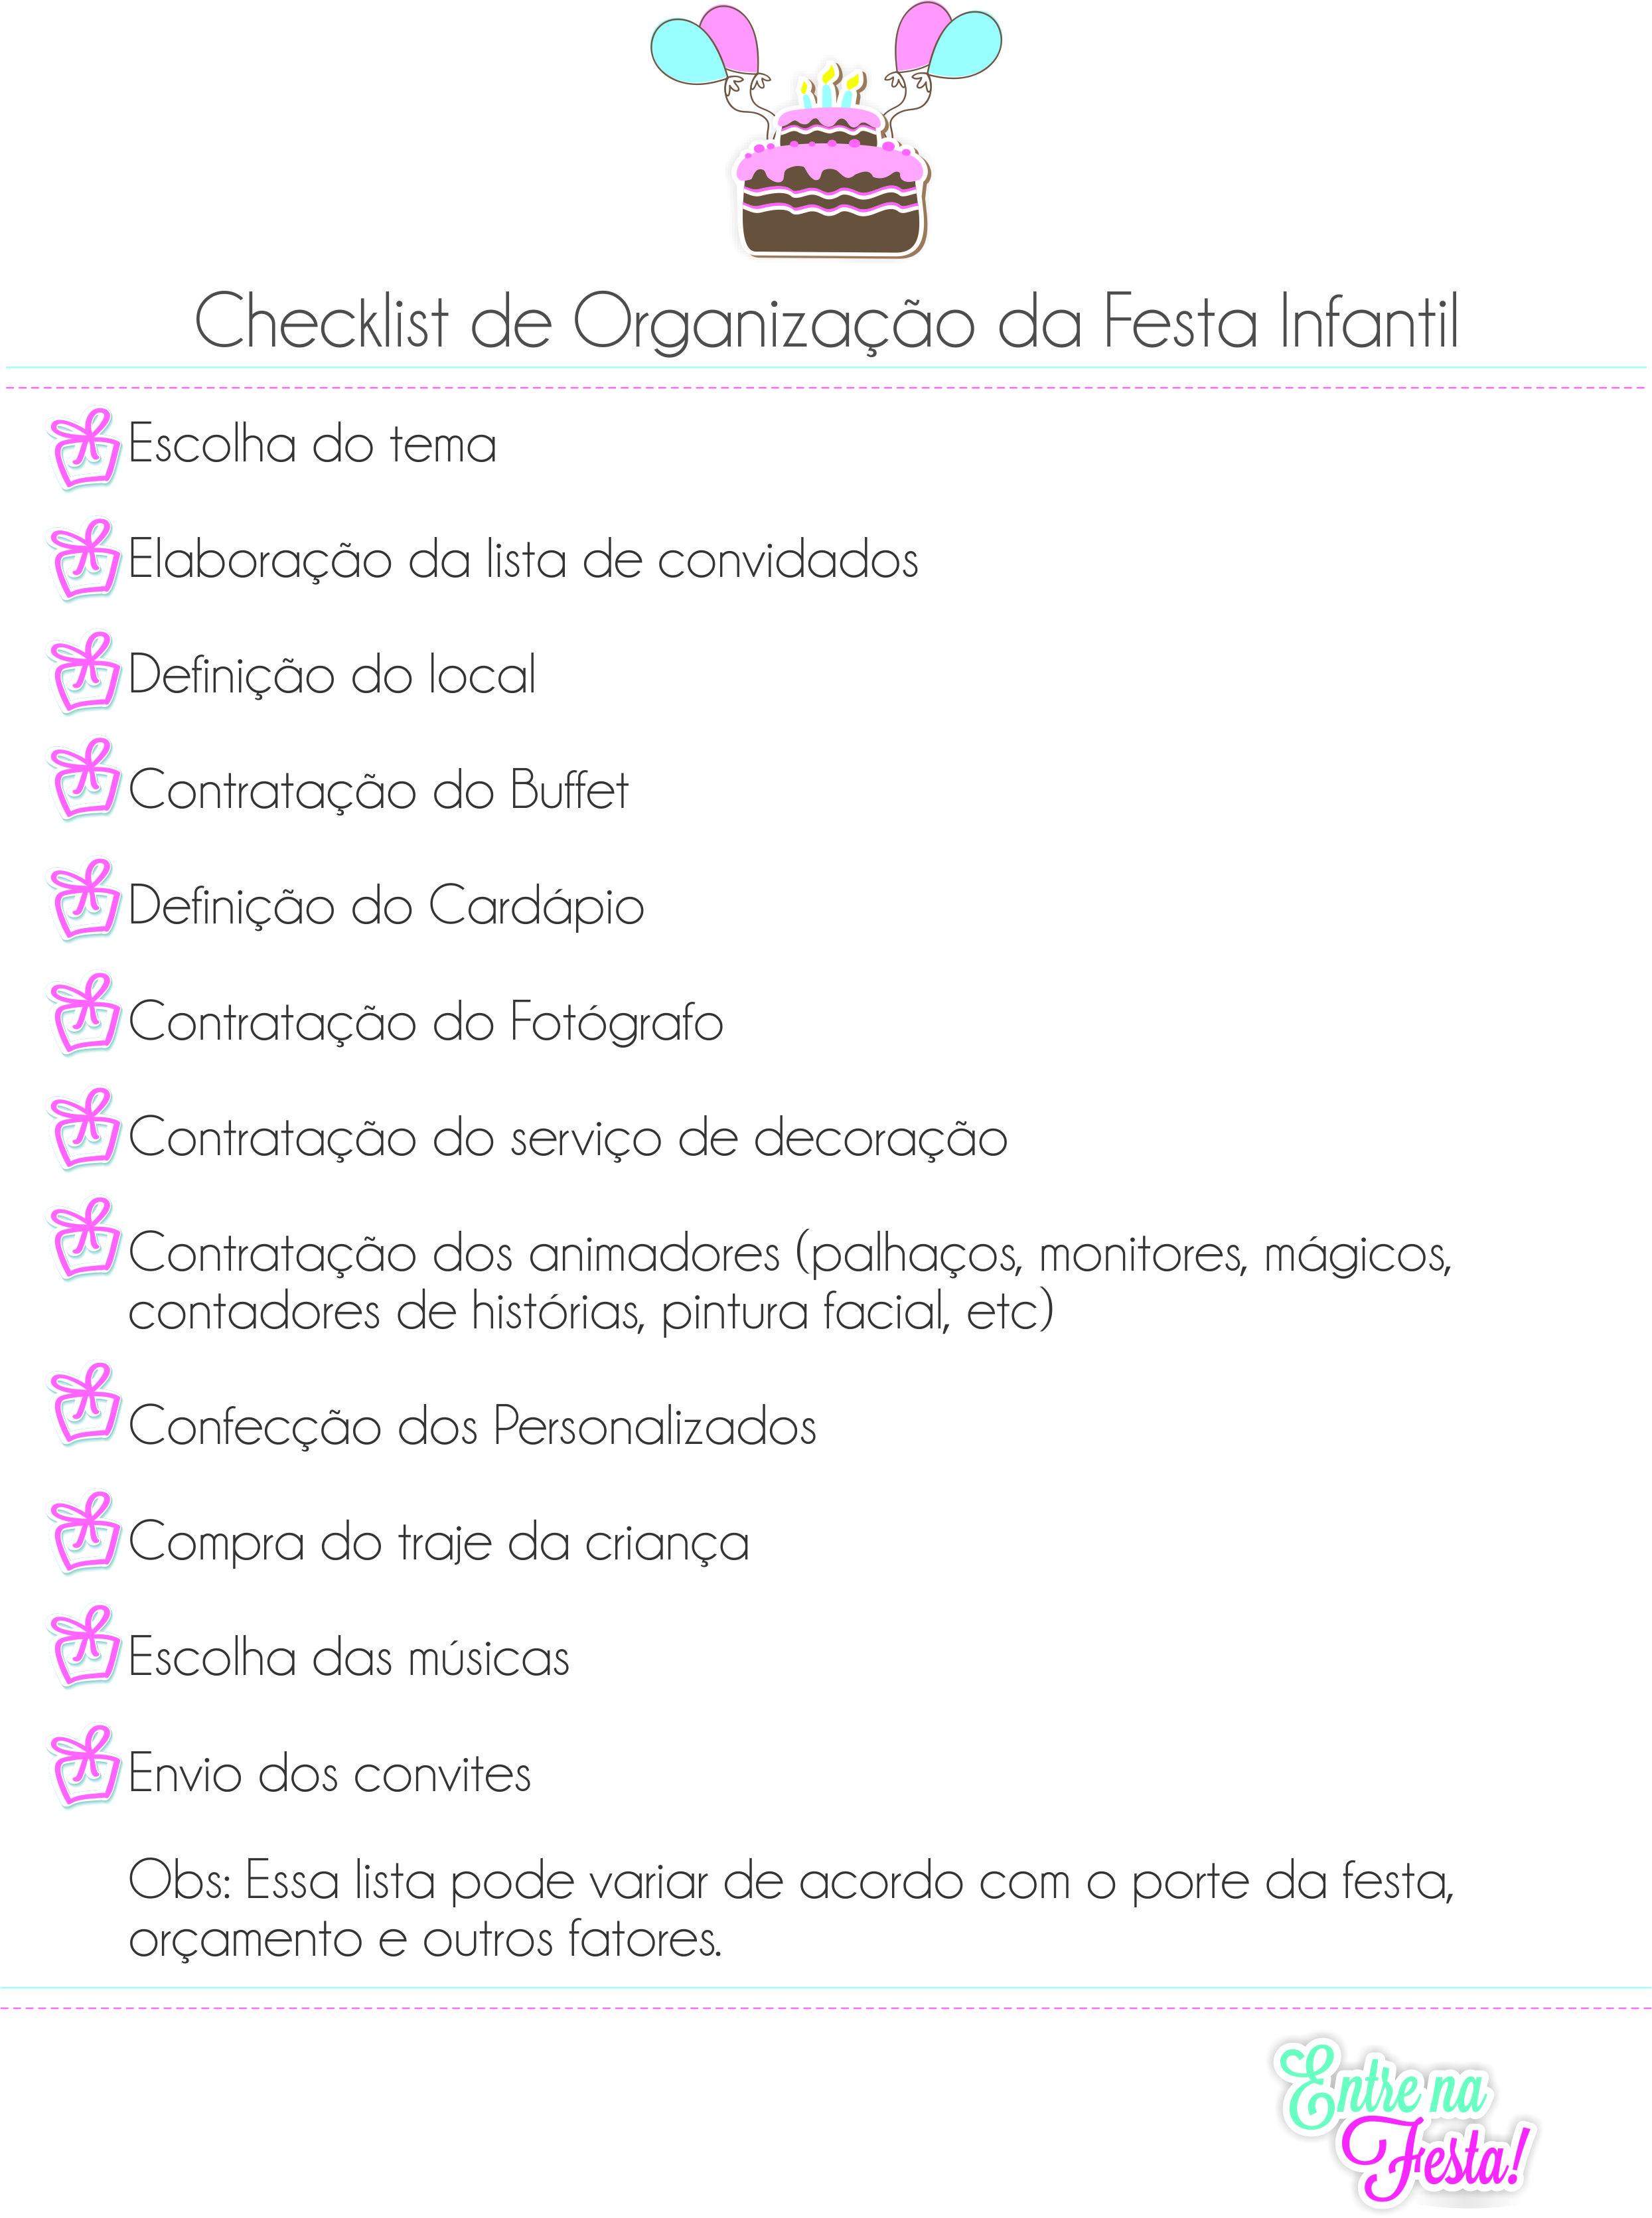 Super Checklist de organização para festa infantil. | ENTRE NA FESTA! VH32